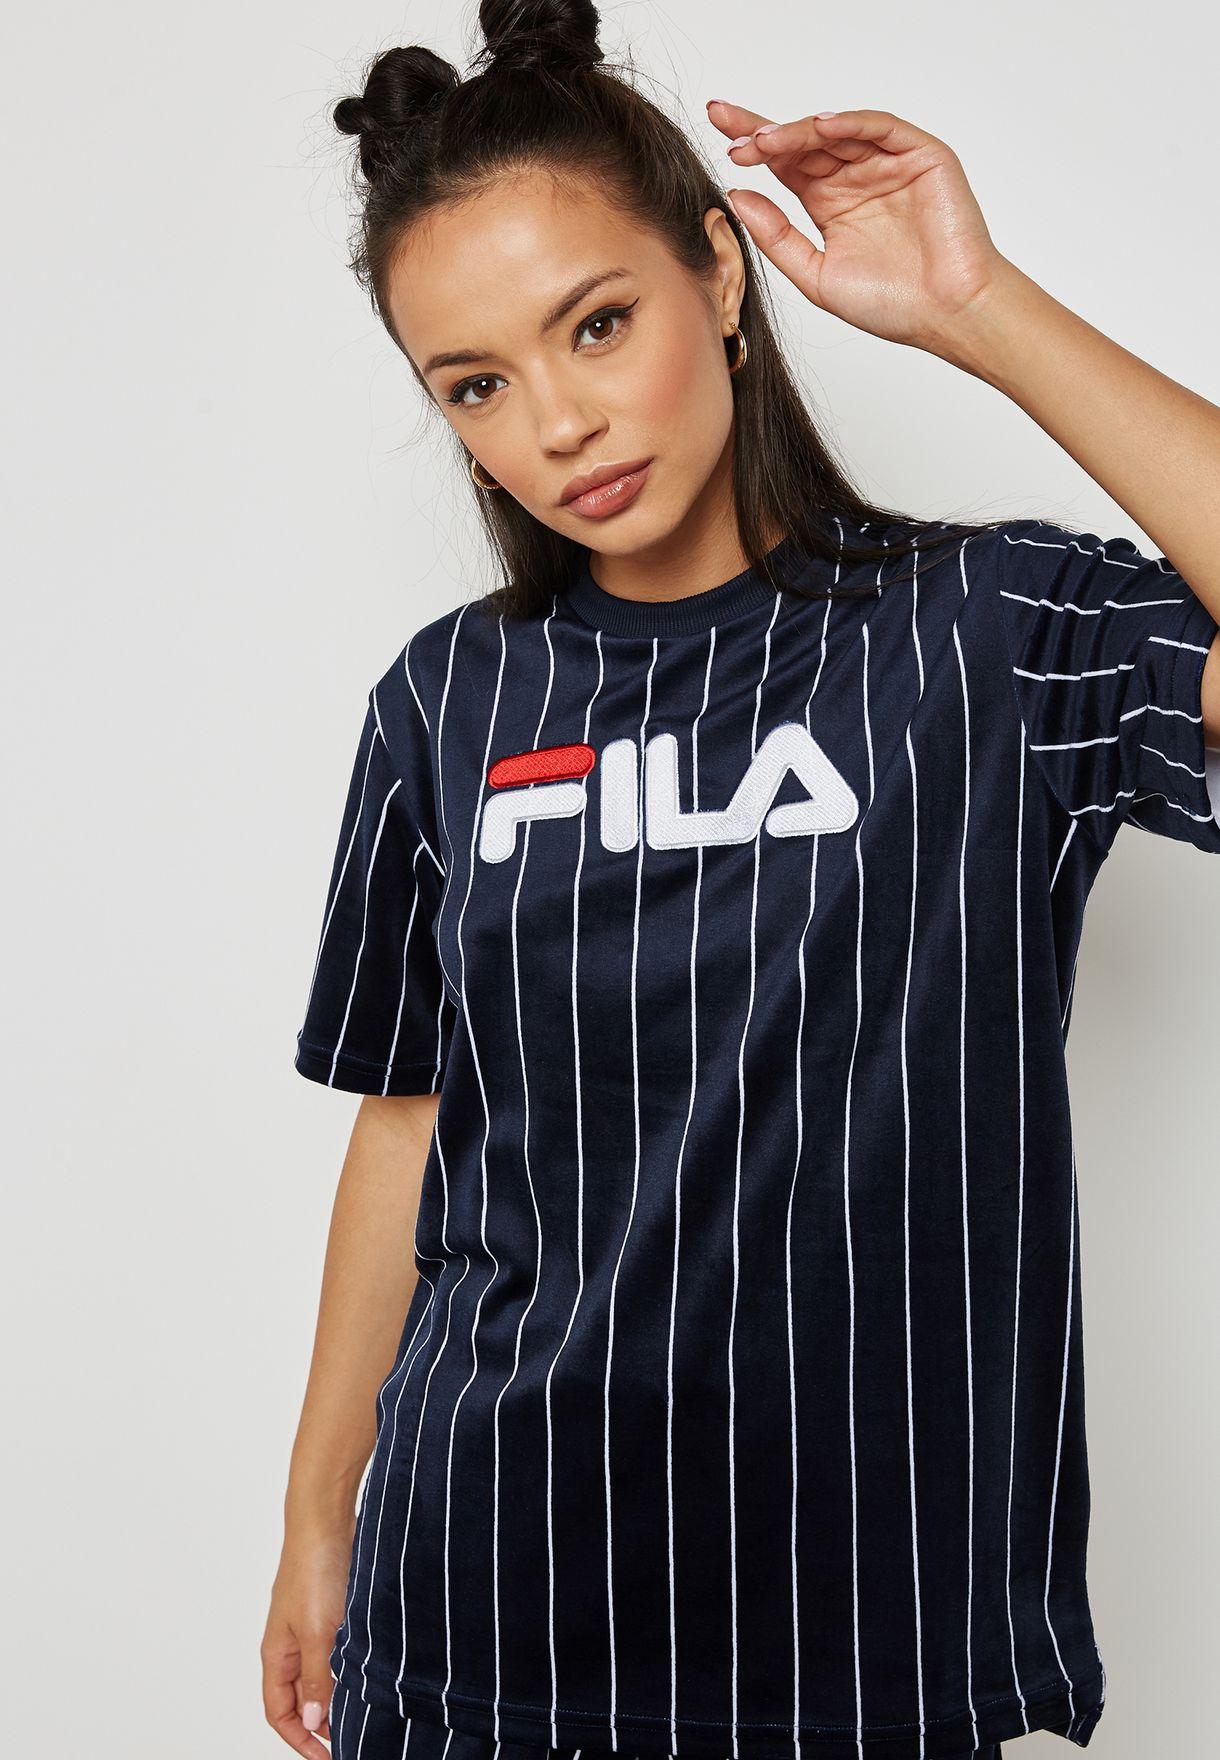 be6b78496ce9 Shop Fila navy Tux Striped T-Shirt LW181K59 for Women in Saudi ...